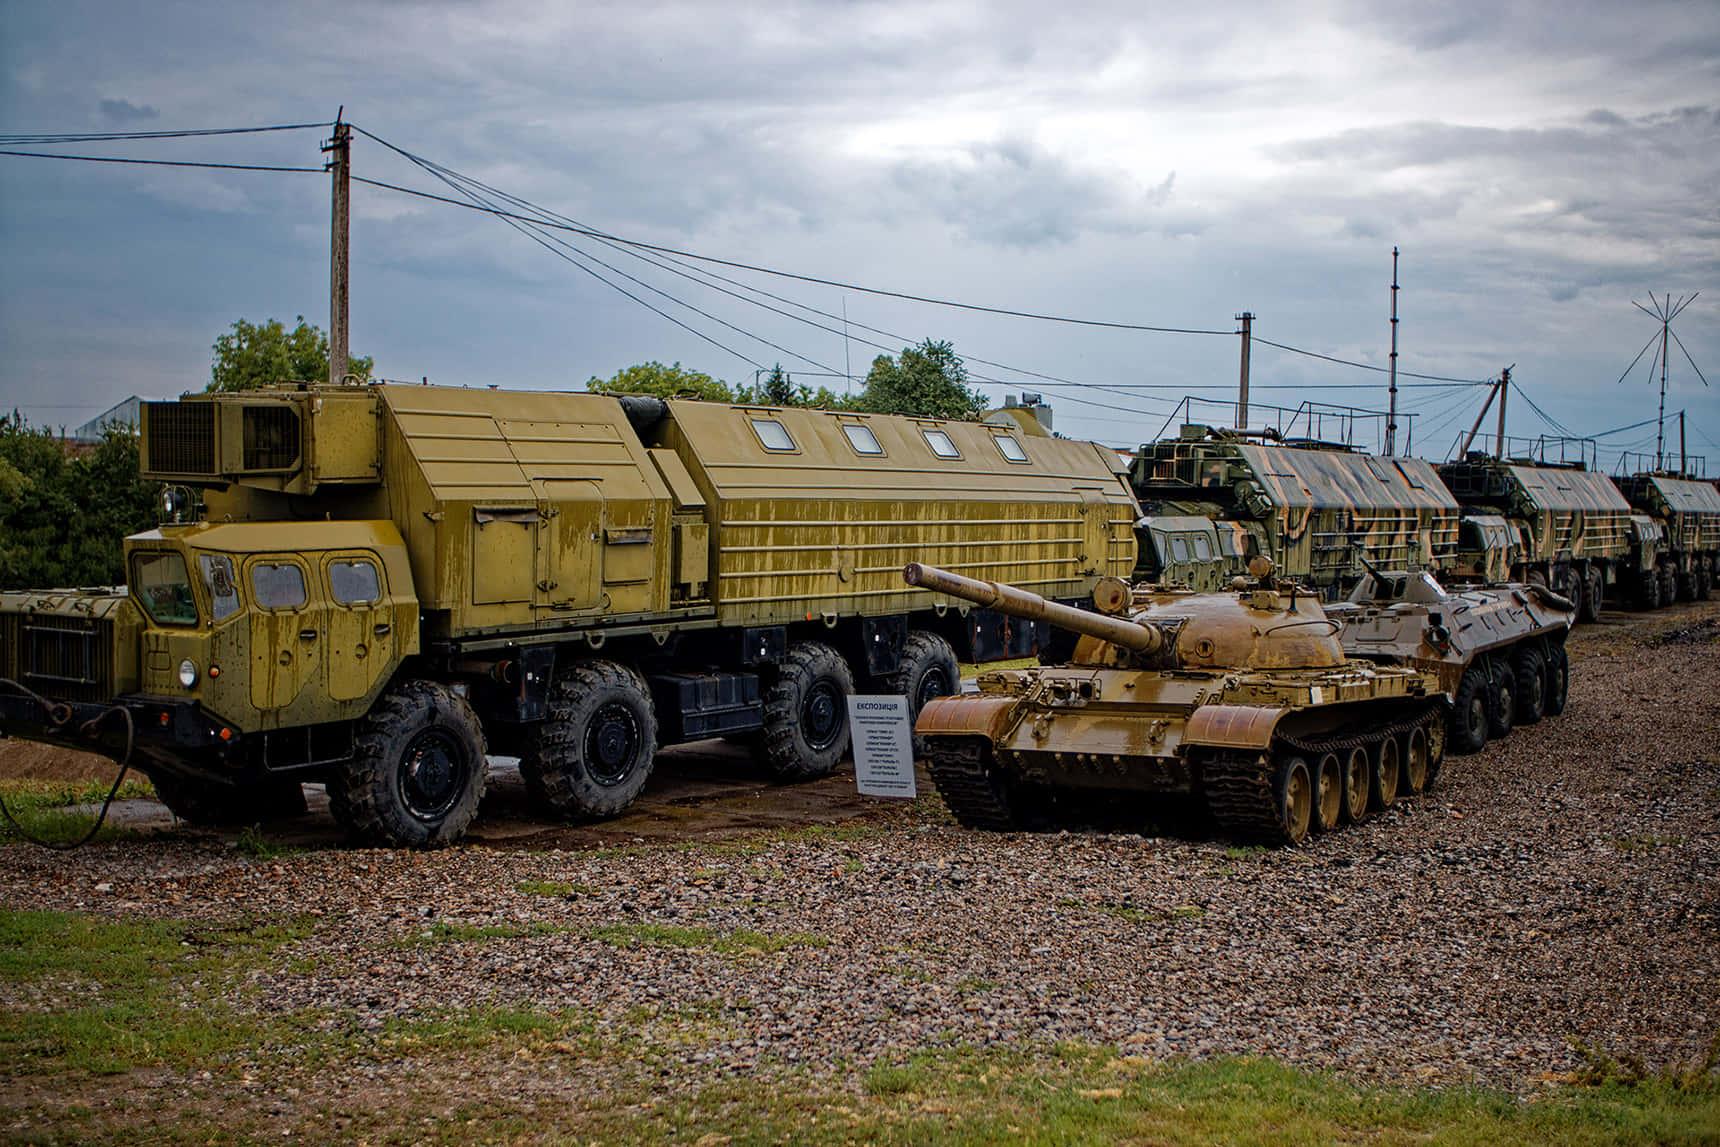 Передвижной командный пункт, состоящий из МАЗов разного назначения, двигался не быстрее 40 км/час